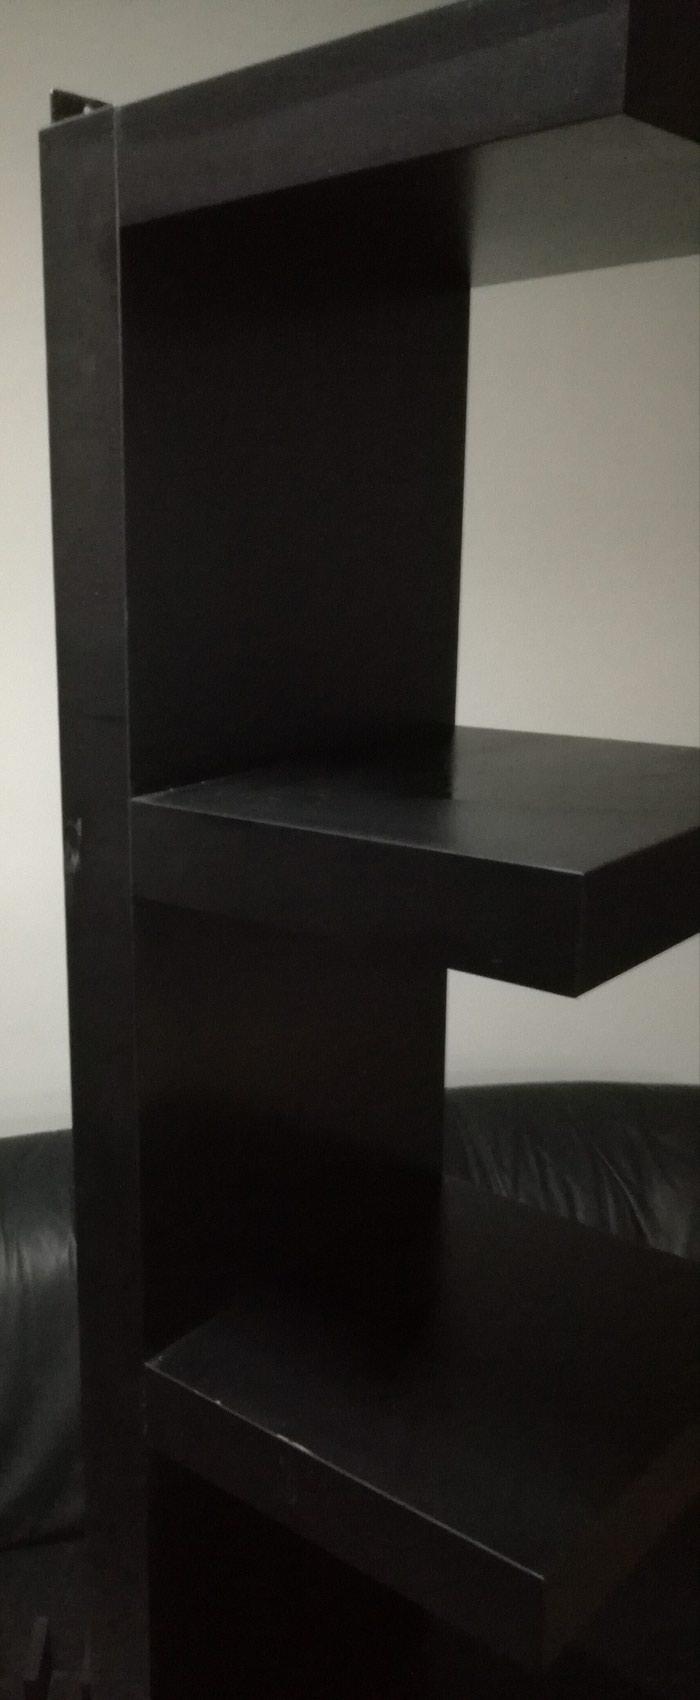 Πωλείται μαύρο ξύλινο έπιπλο διακόσμησης, με 7 ράφια!. Photo 1